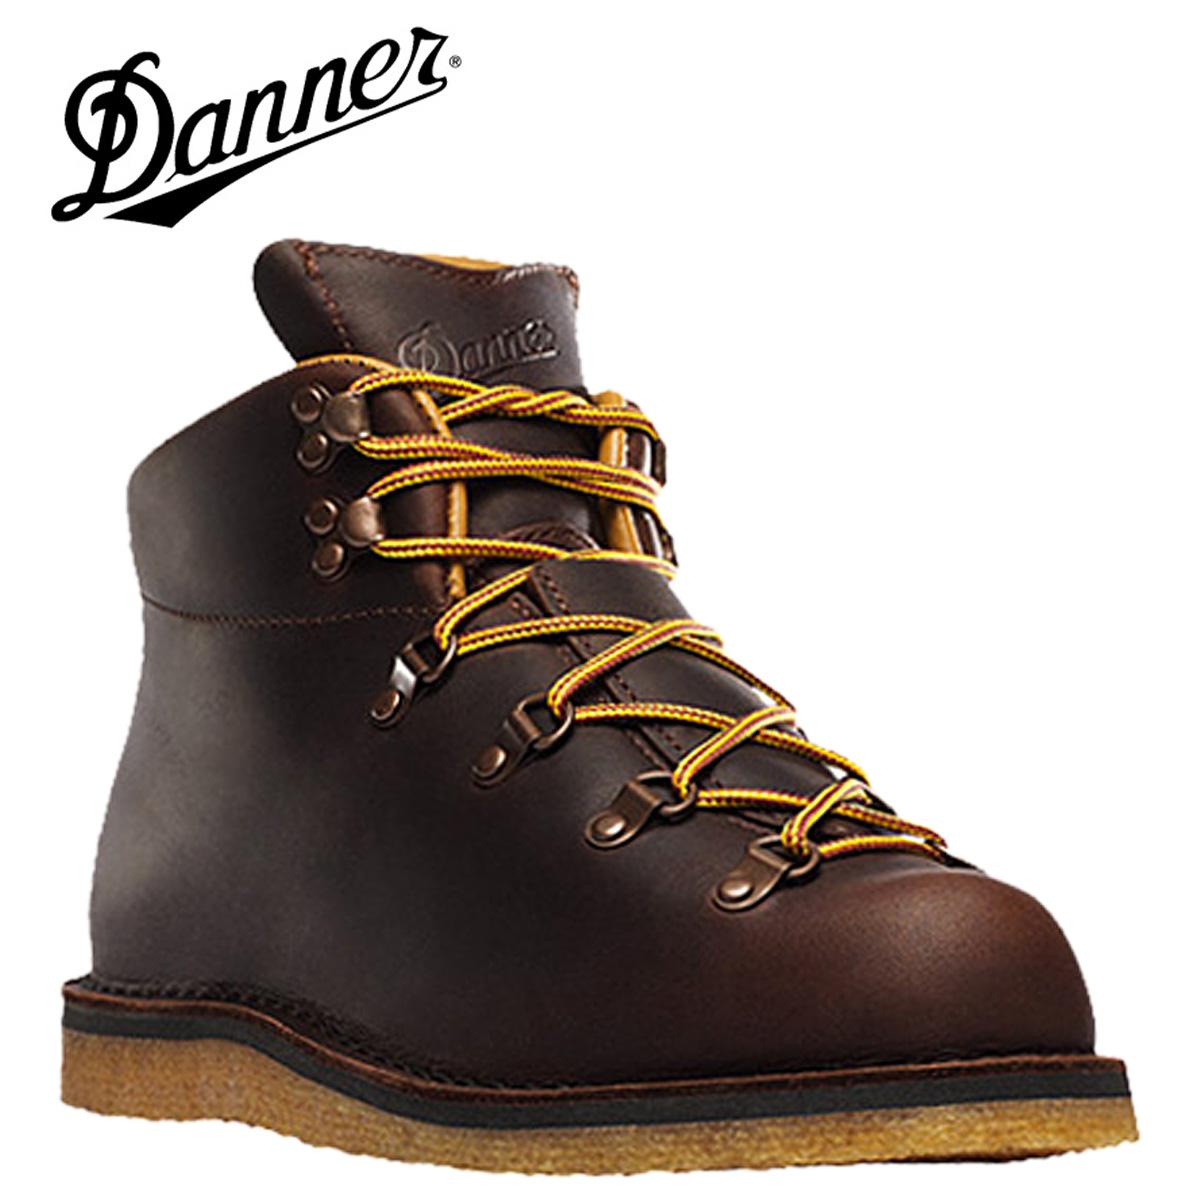 DANNER ダナー マウンテントレイル ブーツ MOUNTAIN TRAIL LOTUS ISLE 30534 EEワイズ メンズ